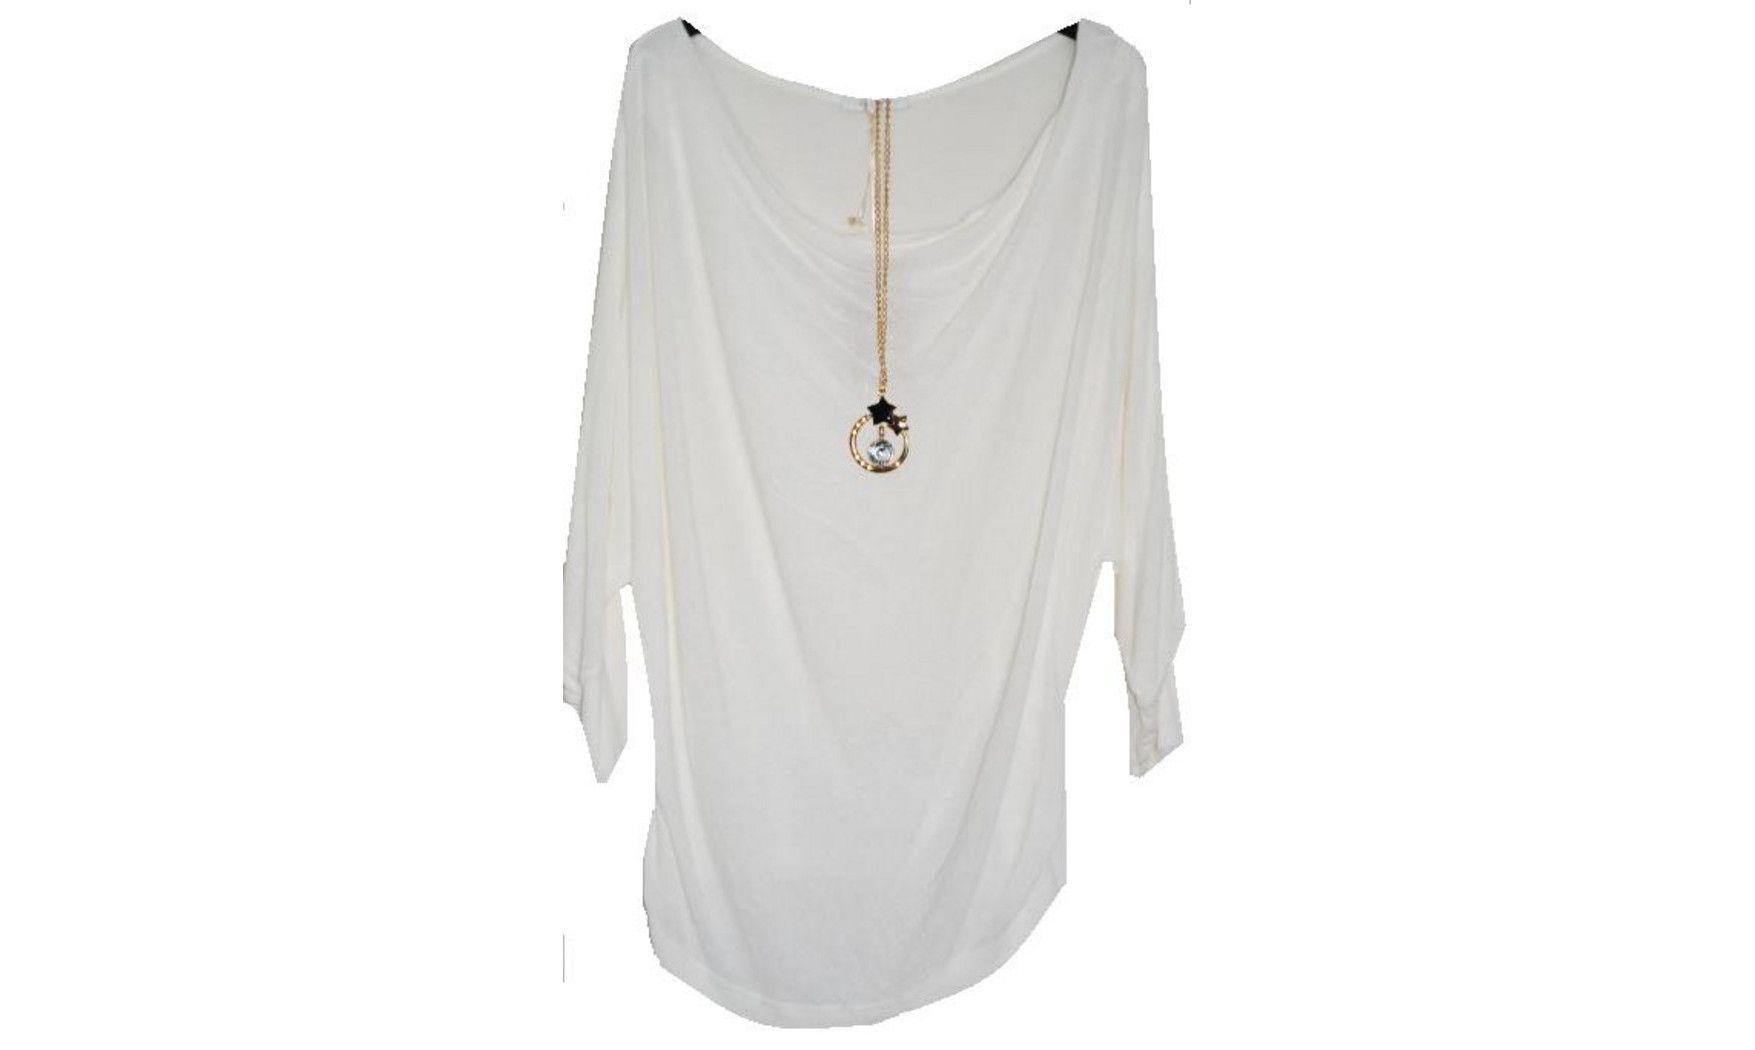 110b75d457af http   www.traxco.fr 3 gsrskx Robes Une Jolie H amp ...